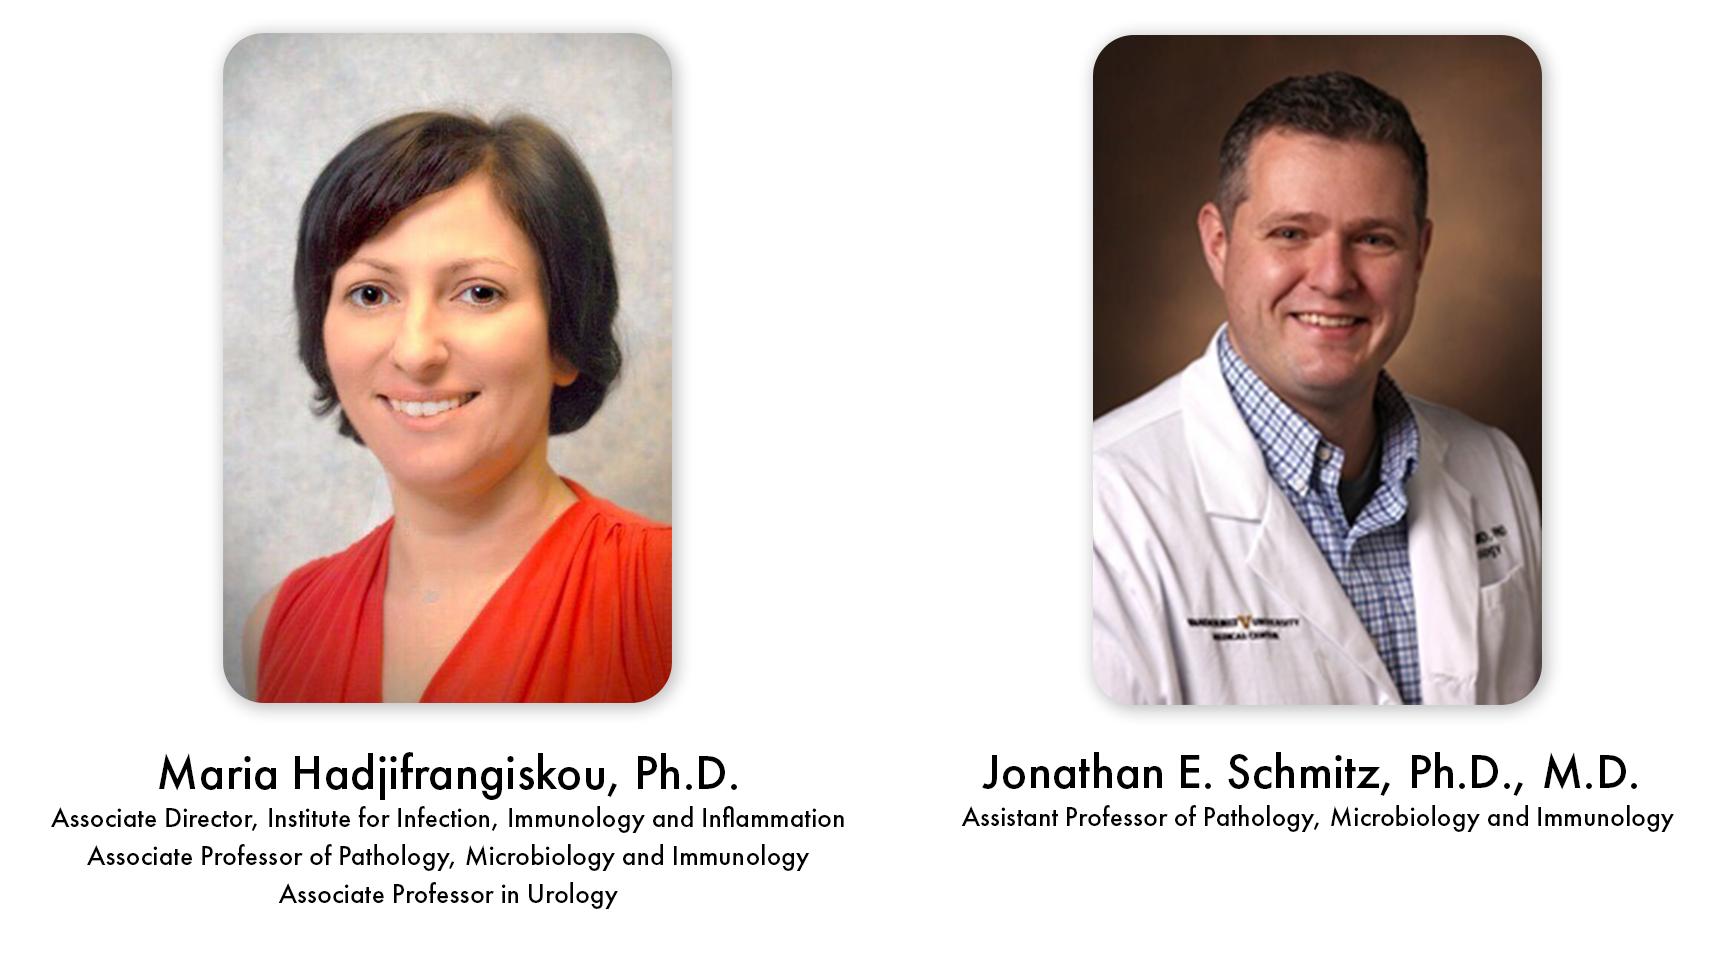 Drs. Maria Hadjifrangiskou and Jonathan Schmitz